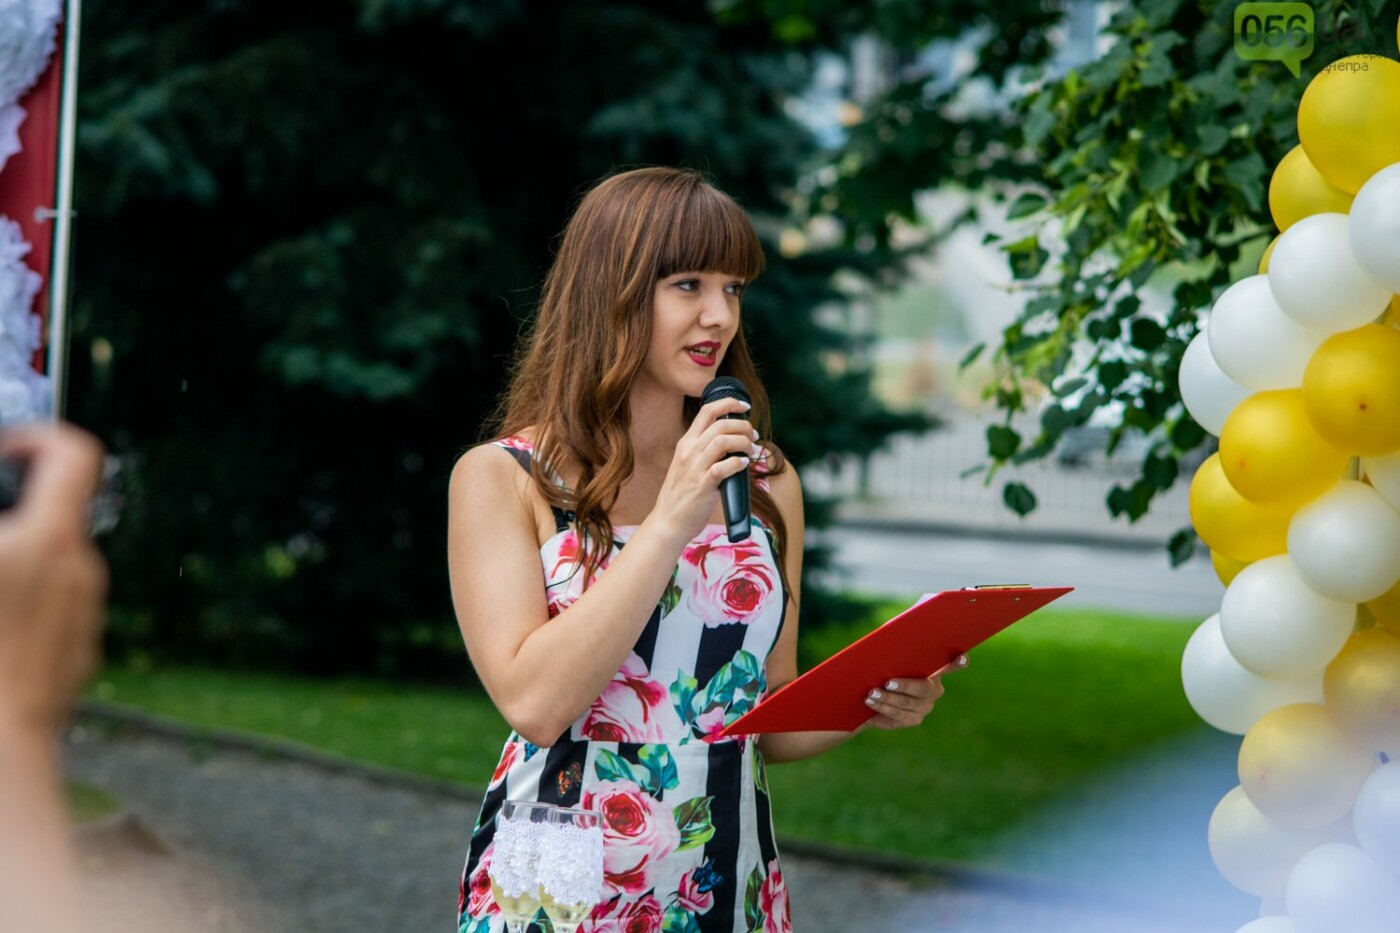 Фестиваль красок и свадьбы: как в Днепре прошел День молодежи, - ФОТОРЕПОРТАЖ, ВИДЕО, фото-25